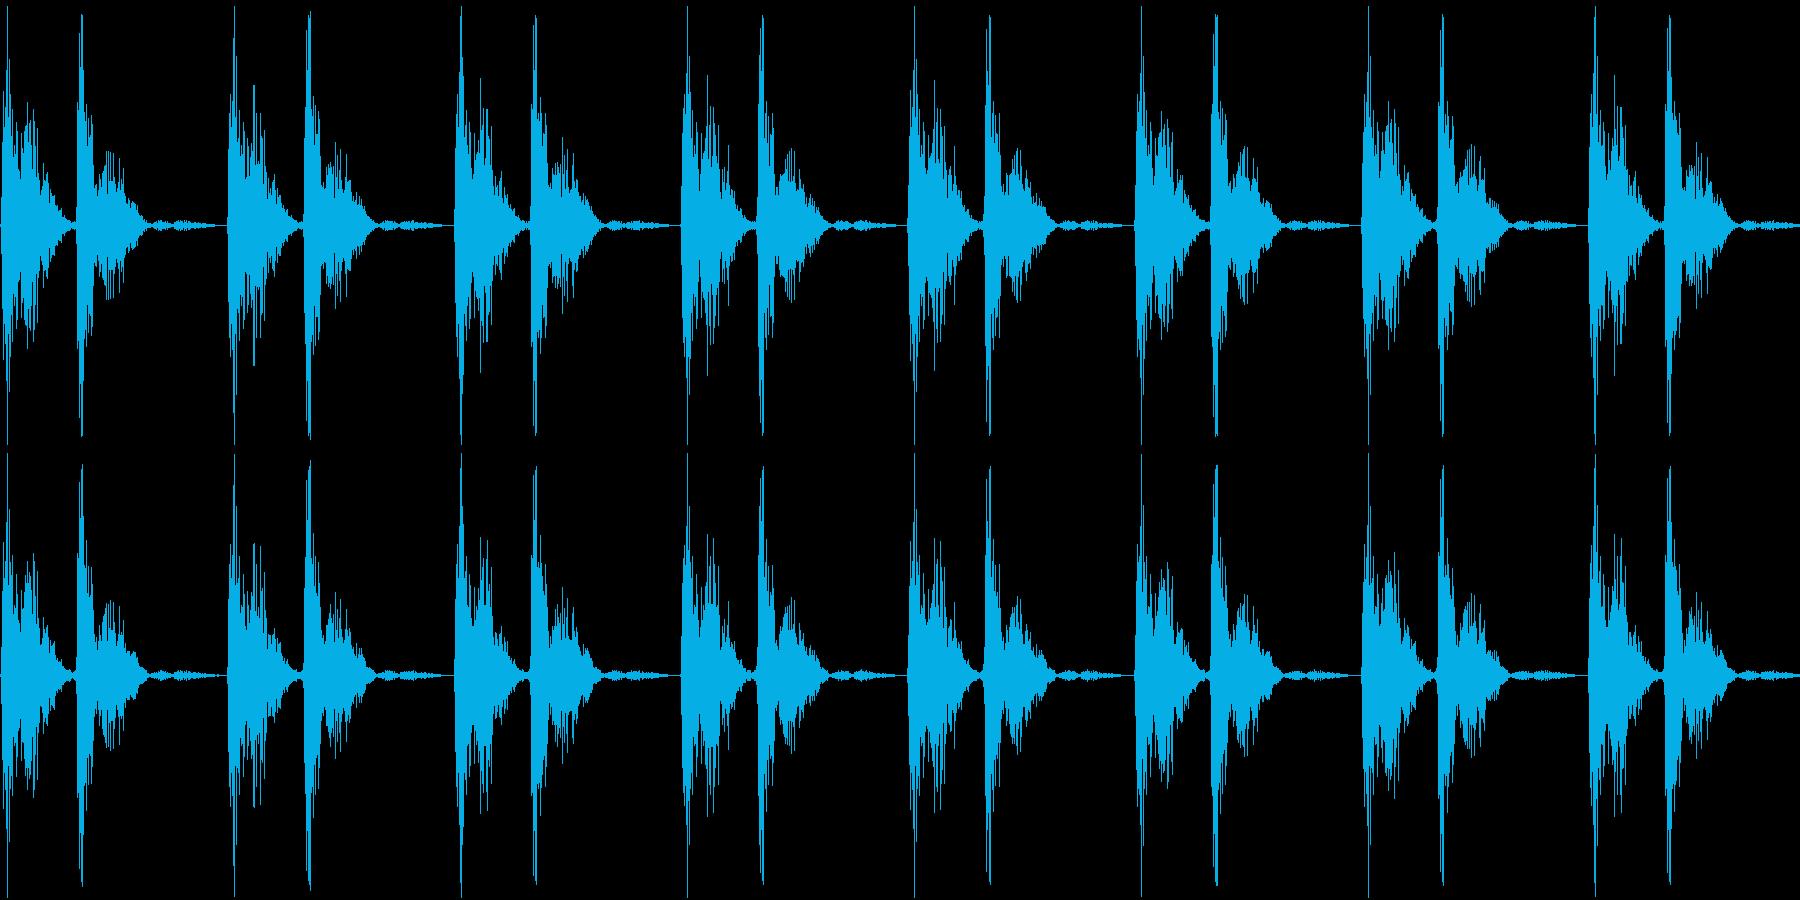 電車・汽車・揺れる音・ガタンゴトンの再生済みの波形